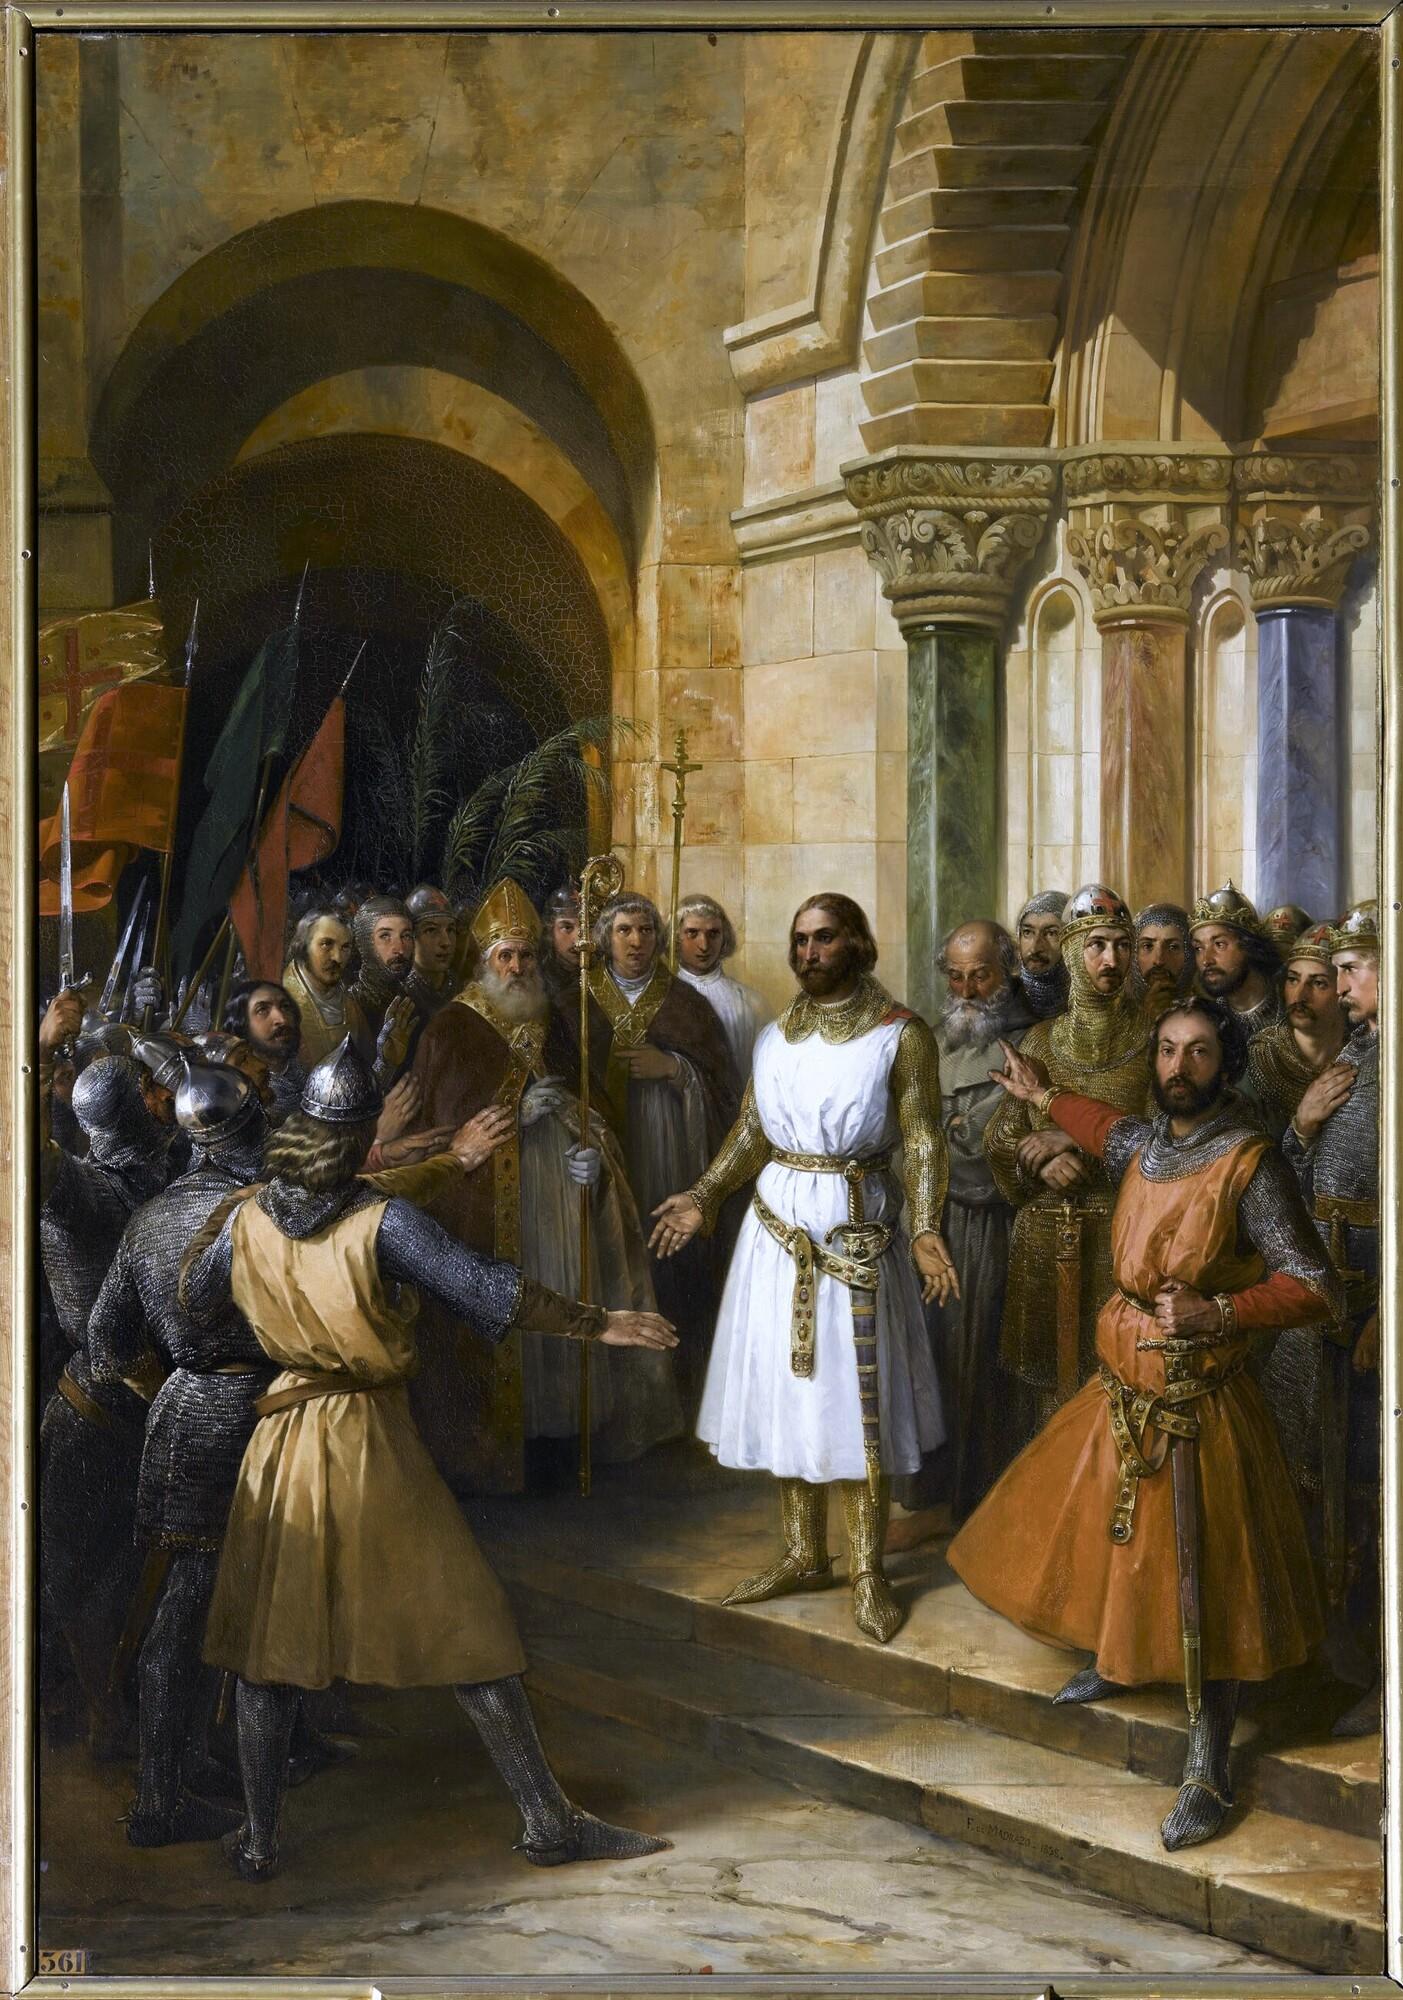 Godefroy de Bouillon élu roi de Jérusalem, 23 juillet 1099. Peintre : Federico de Madrazo y Kuntz .